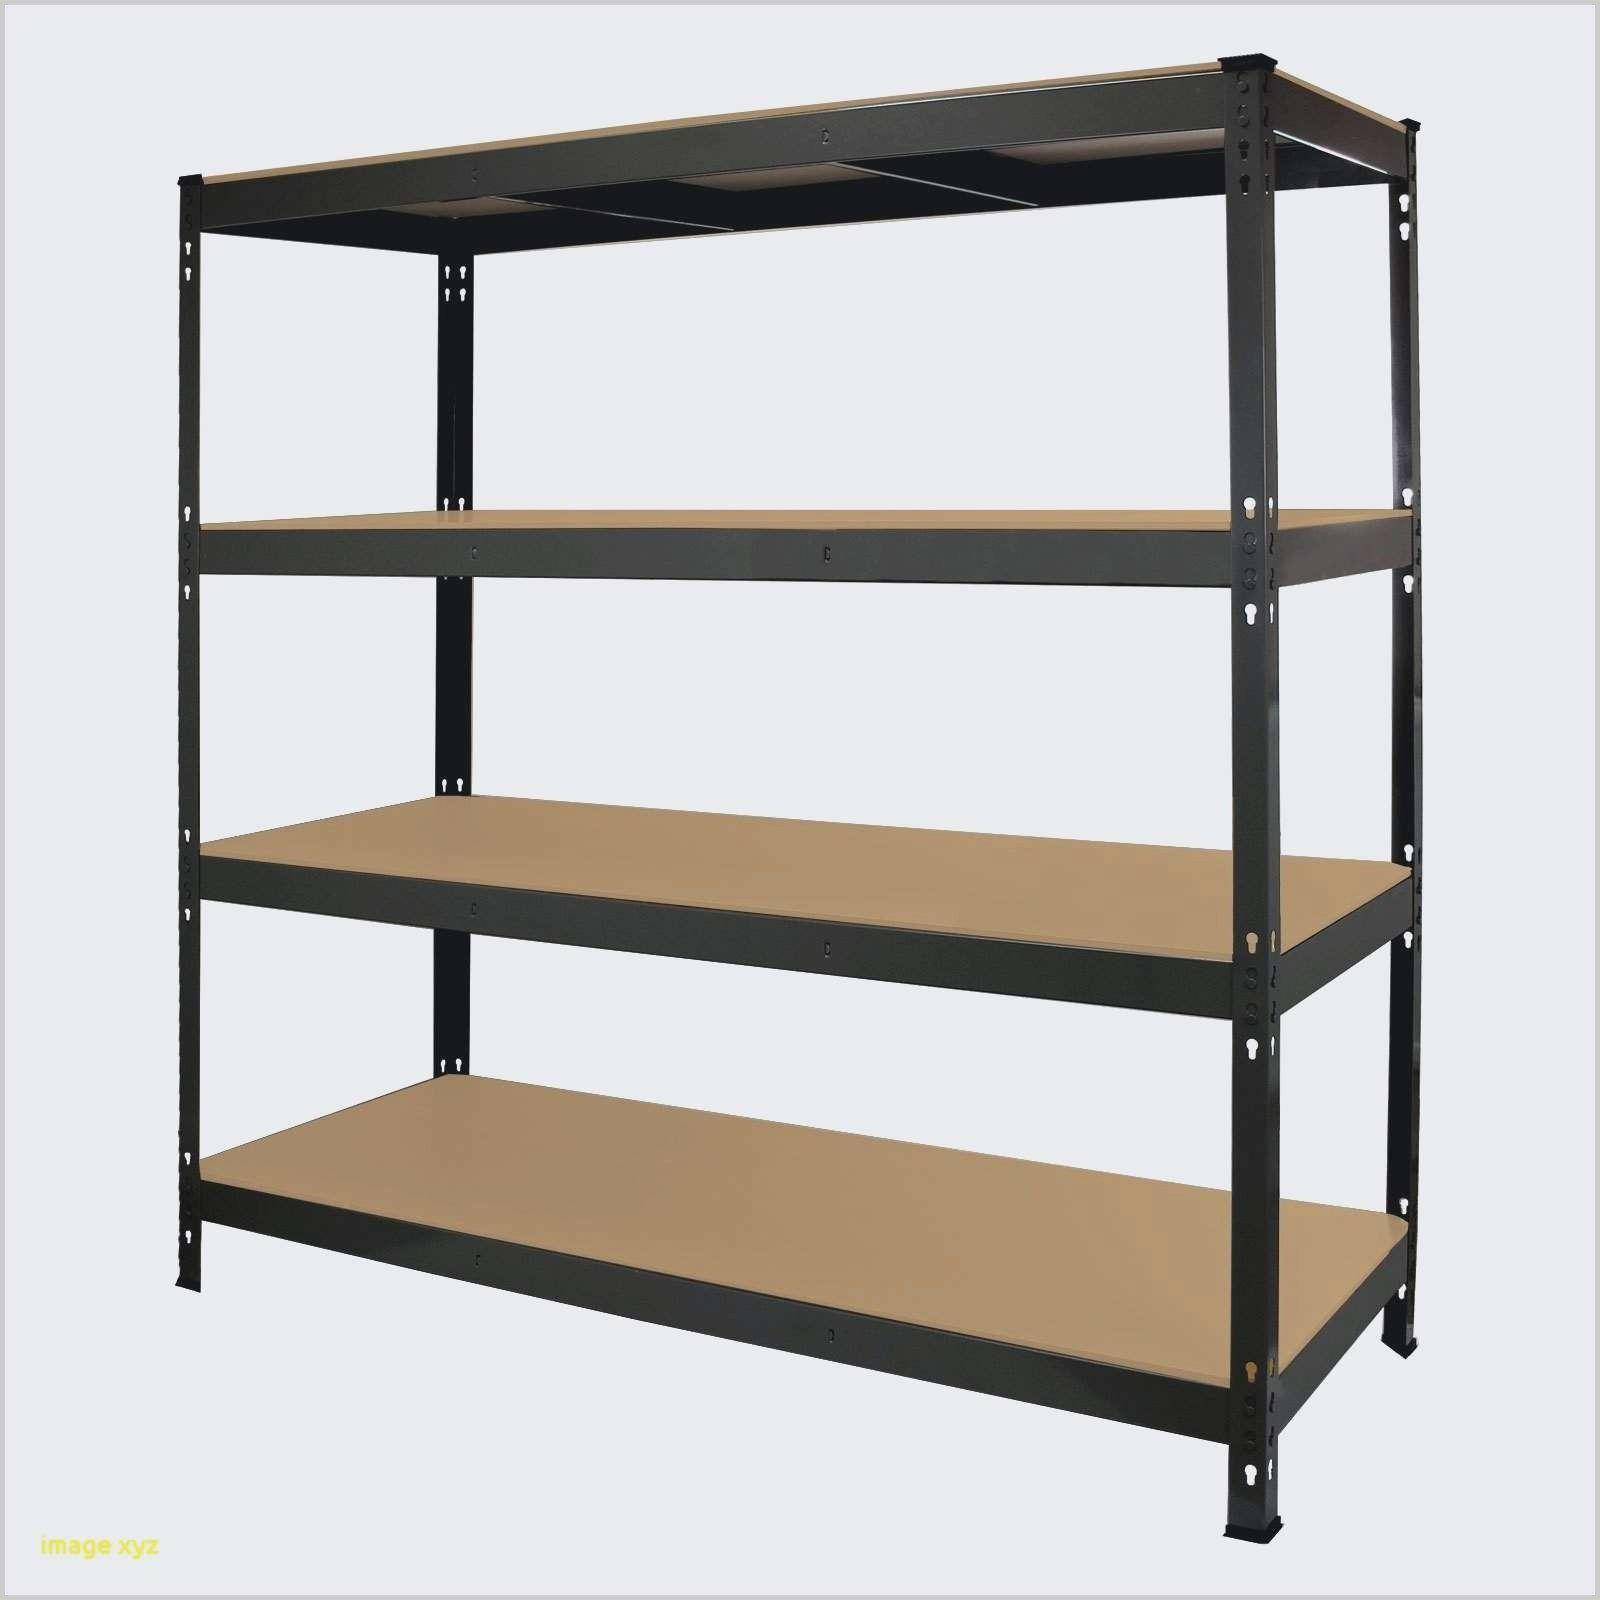 Schnell Abnehmen Bauch In 2020 Wall Storage Shelves Diy Furniture Bedroom Garage Wall Storage